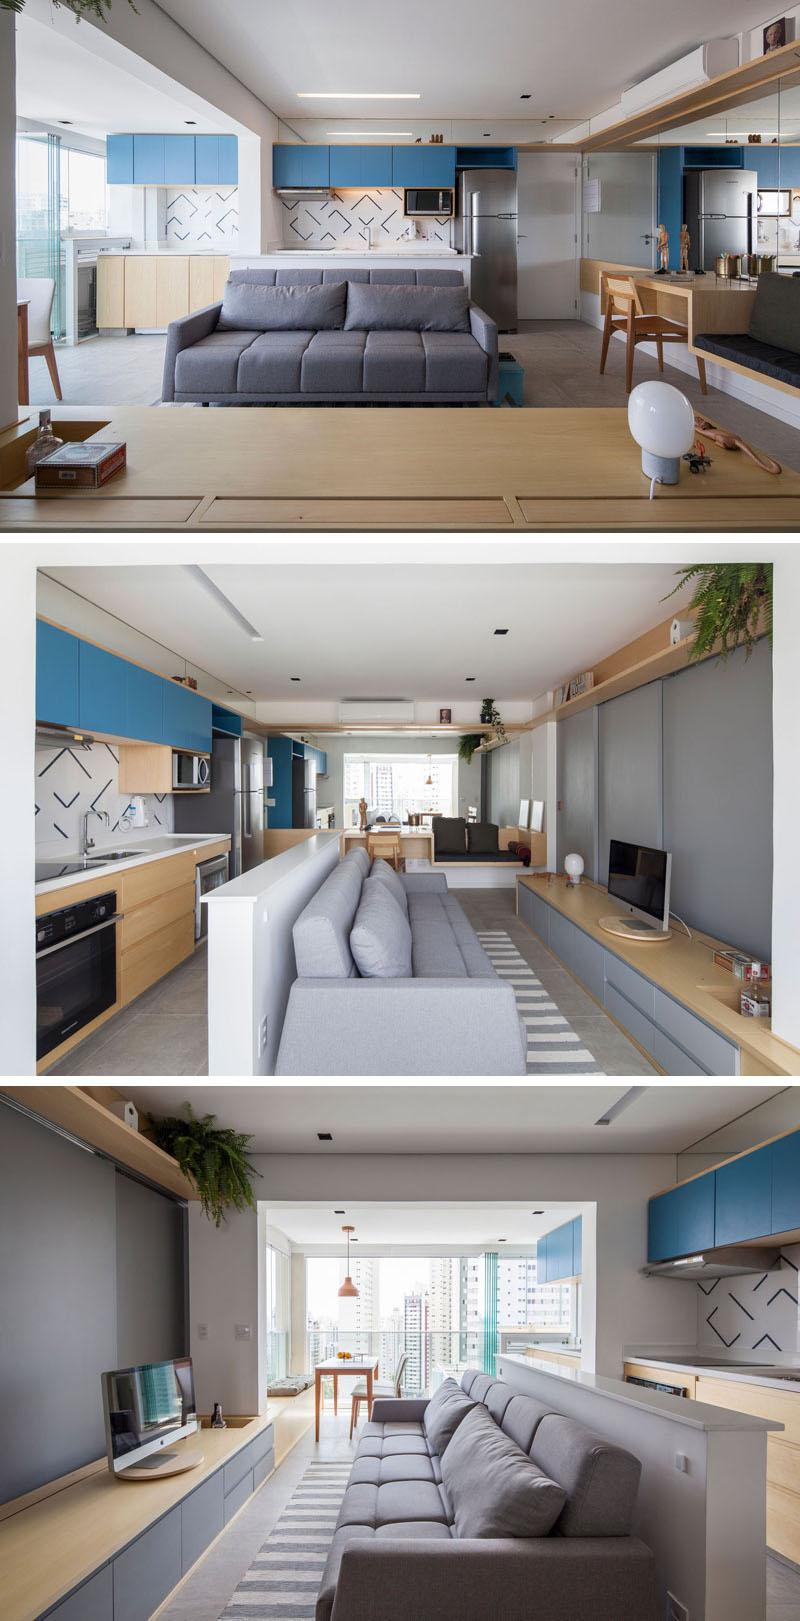 Ce faci cand apartamentul are doar 32 mp? Ascunzi dormitorul in spatele peretelui! - Ce faci